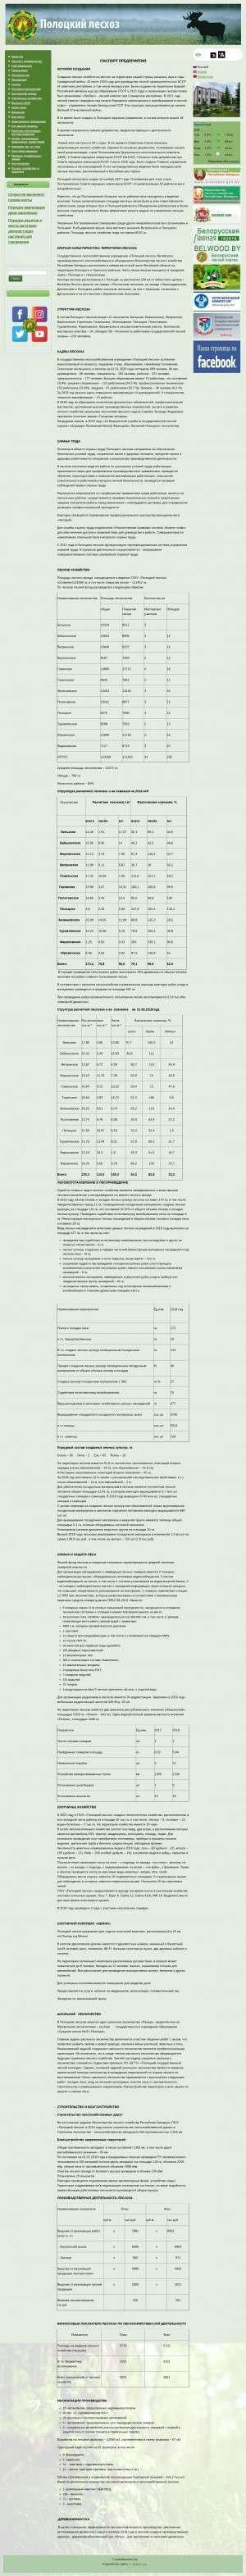 Предпросмотр для polotskleshoz.by — Государственное лесохозяйственное учреждение Полоцкий лесхоз